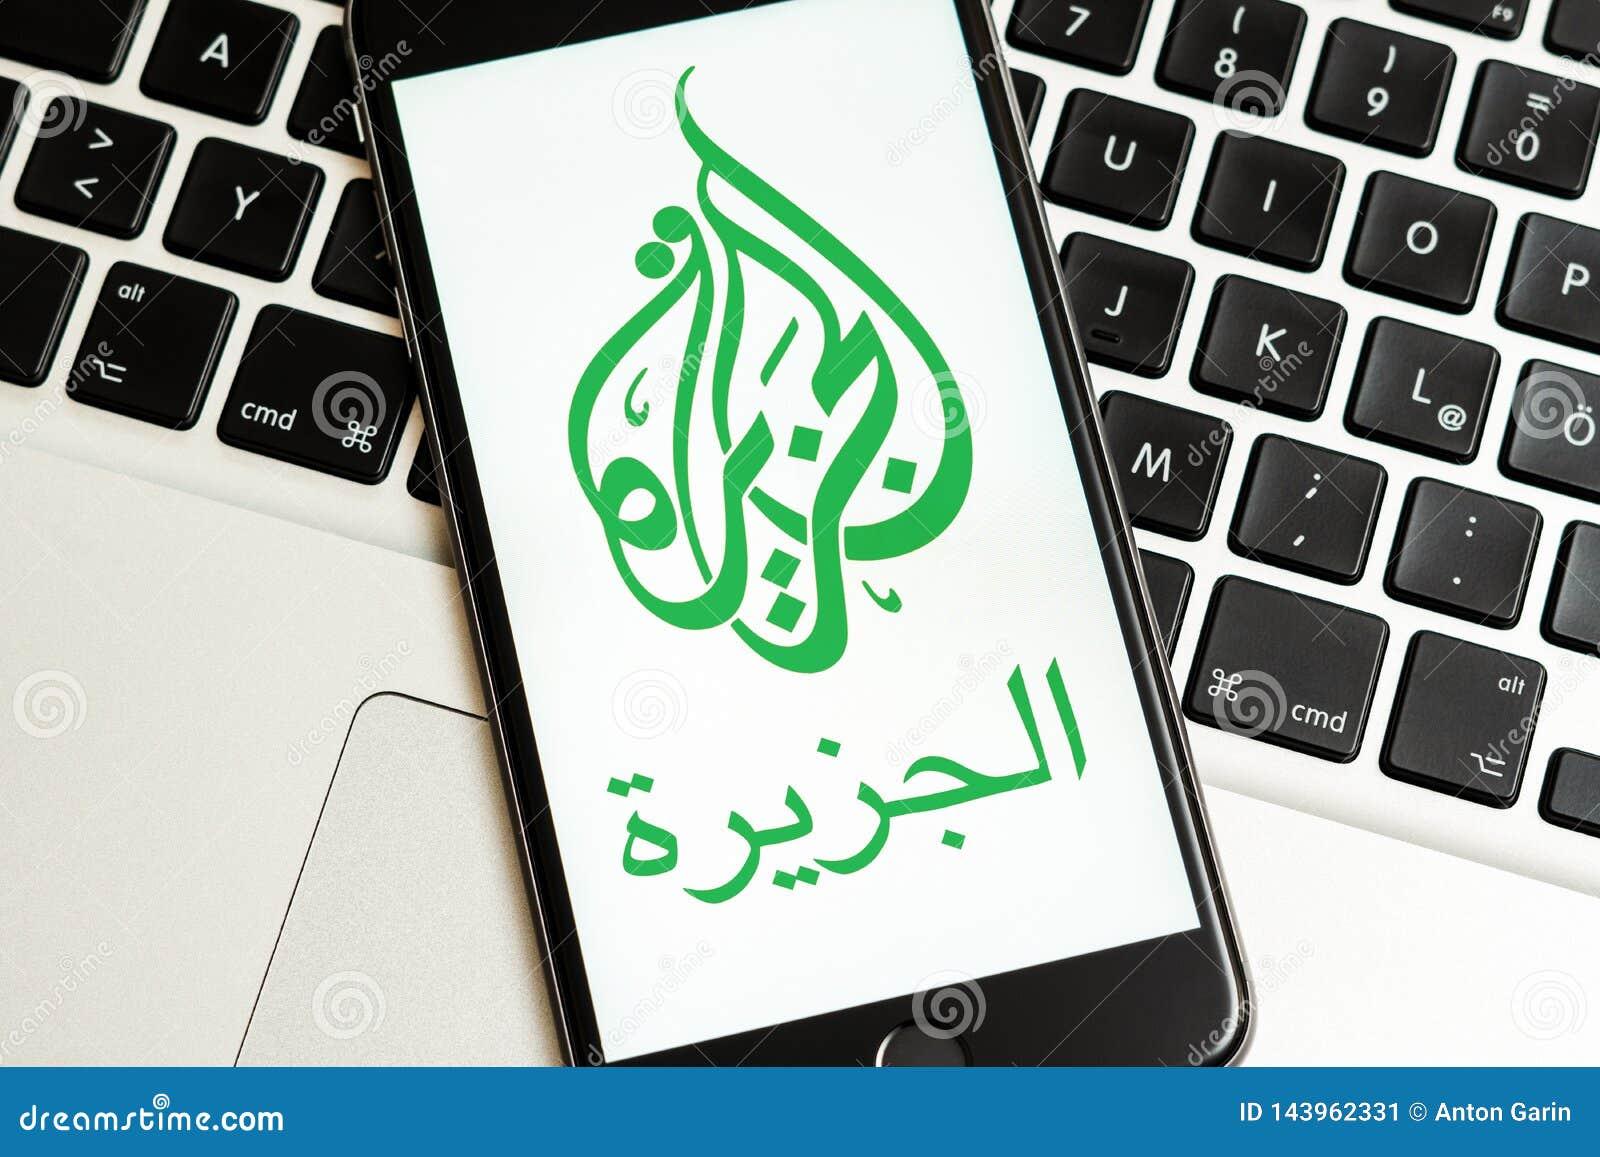 Teléfono negro con el logotipo de los medios de noticias Al Jazeera en la pantalla